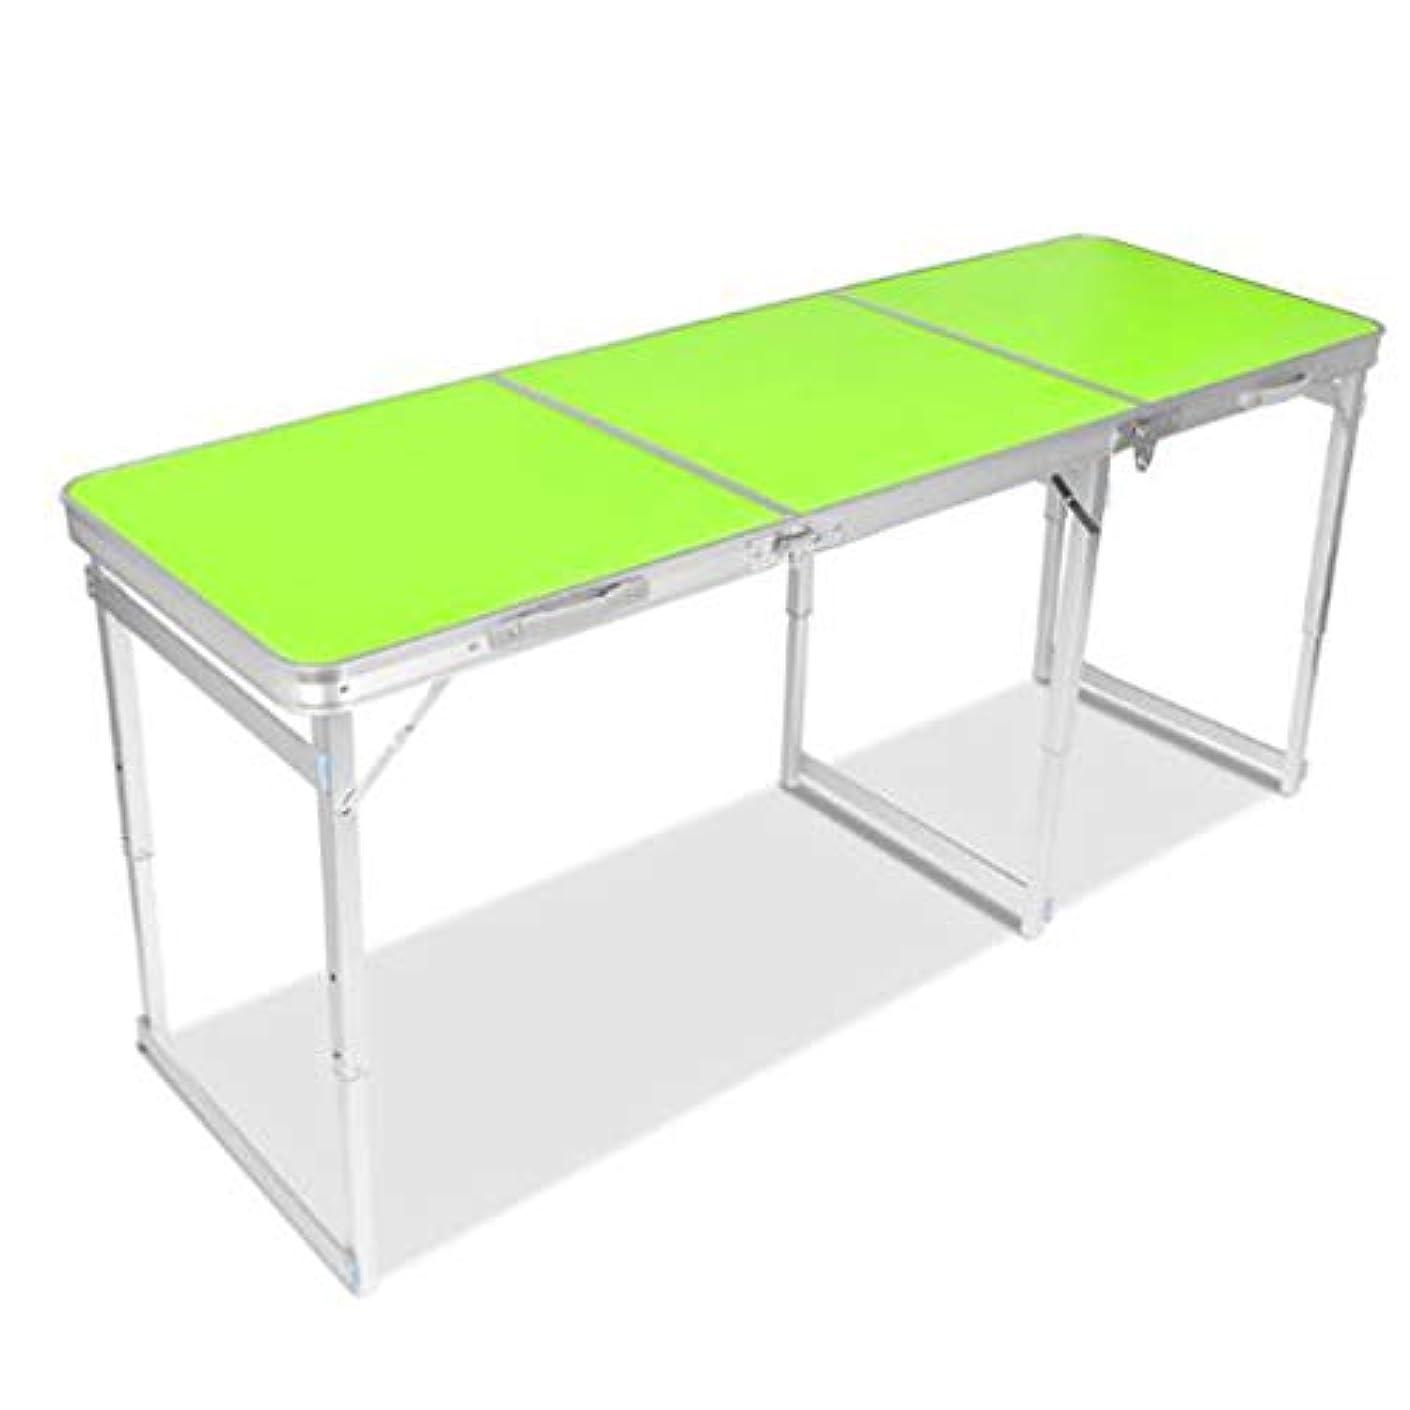 普遍的な誇りに思う後ろに6つの椅子が付いている屋外のピクニック用のテーブル、キャンプ党ピクニックガーデンの食事のために調節可能な携帯用折る高さ, green